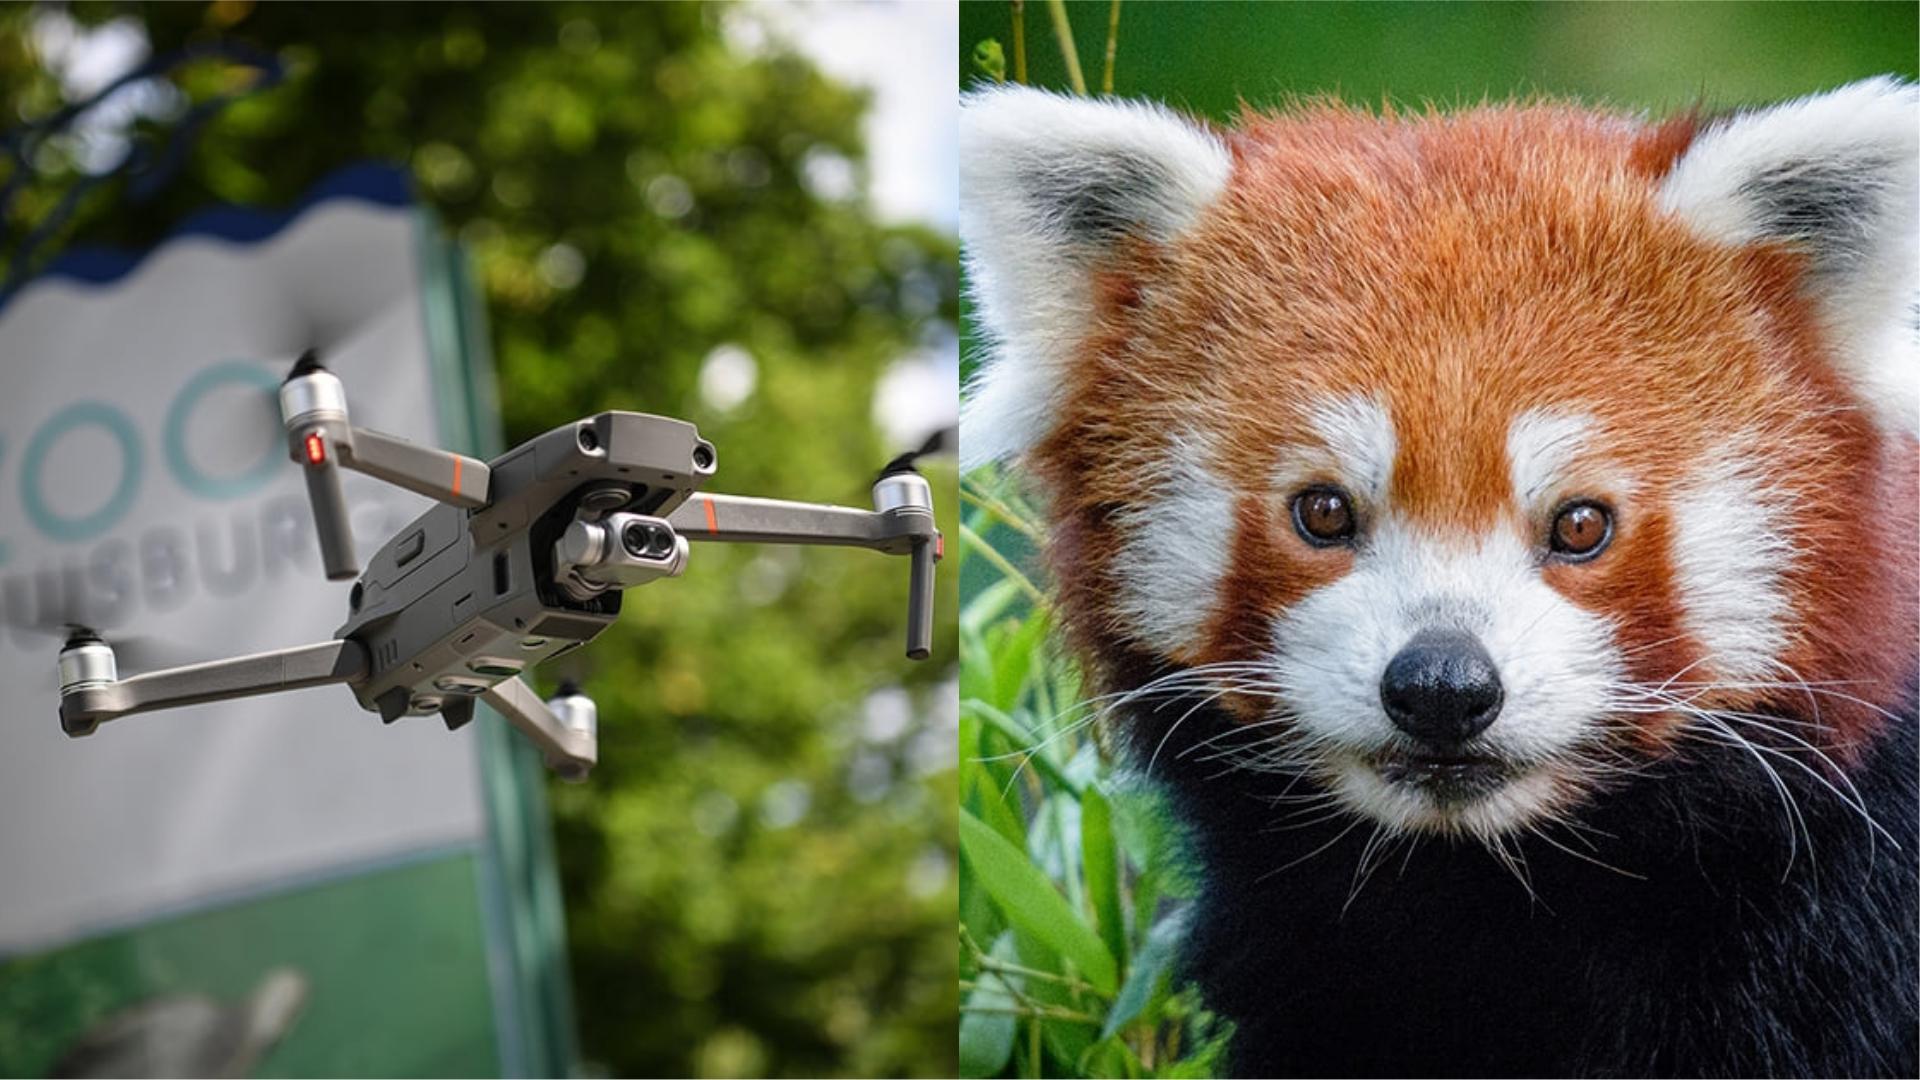 任性小熊貓「離家出走」 德國動物園出動無人機始成功尋「貓」